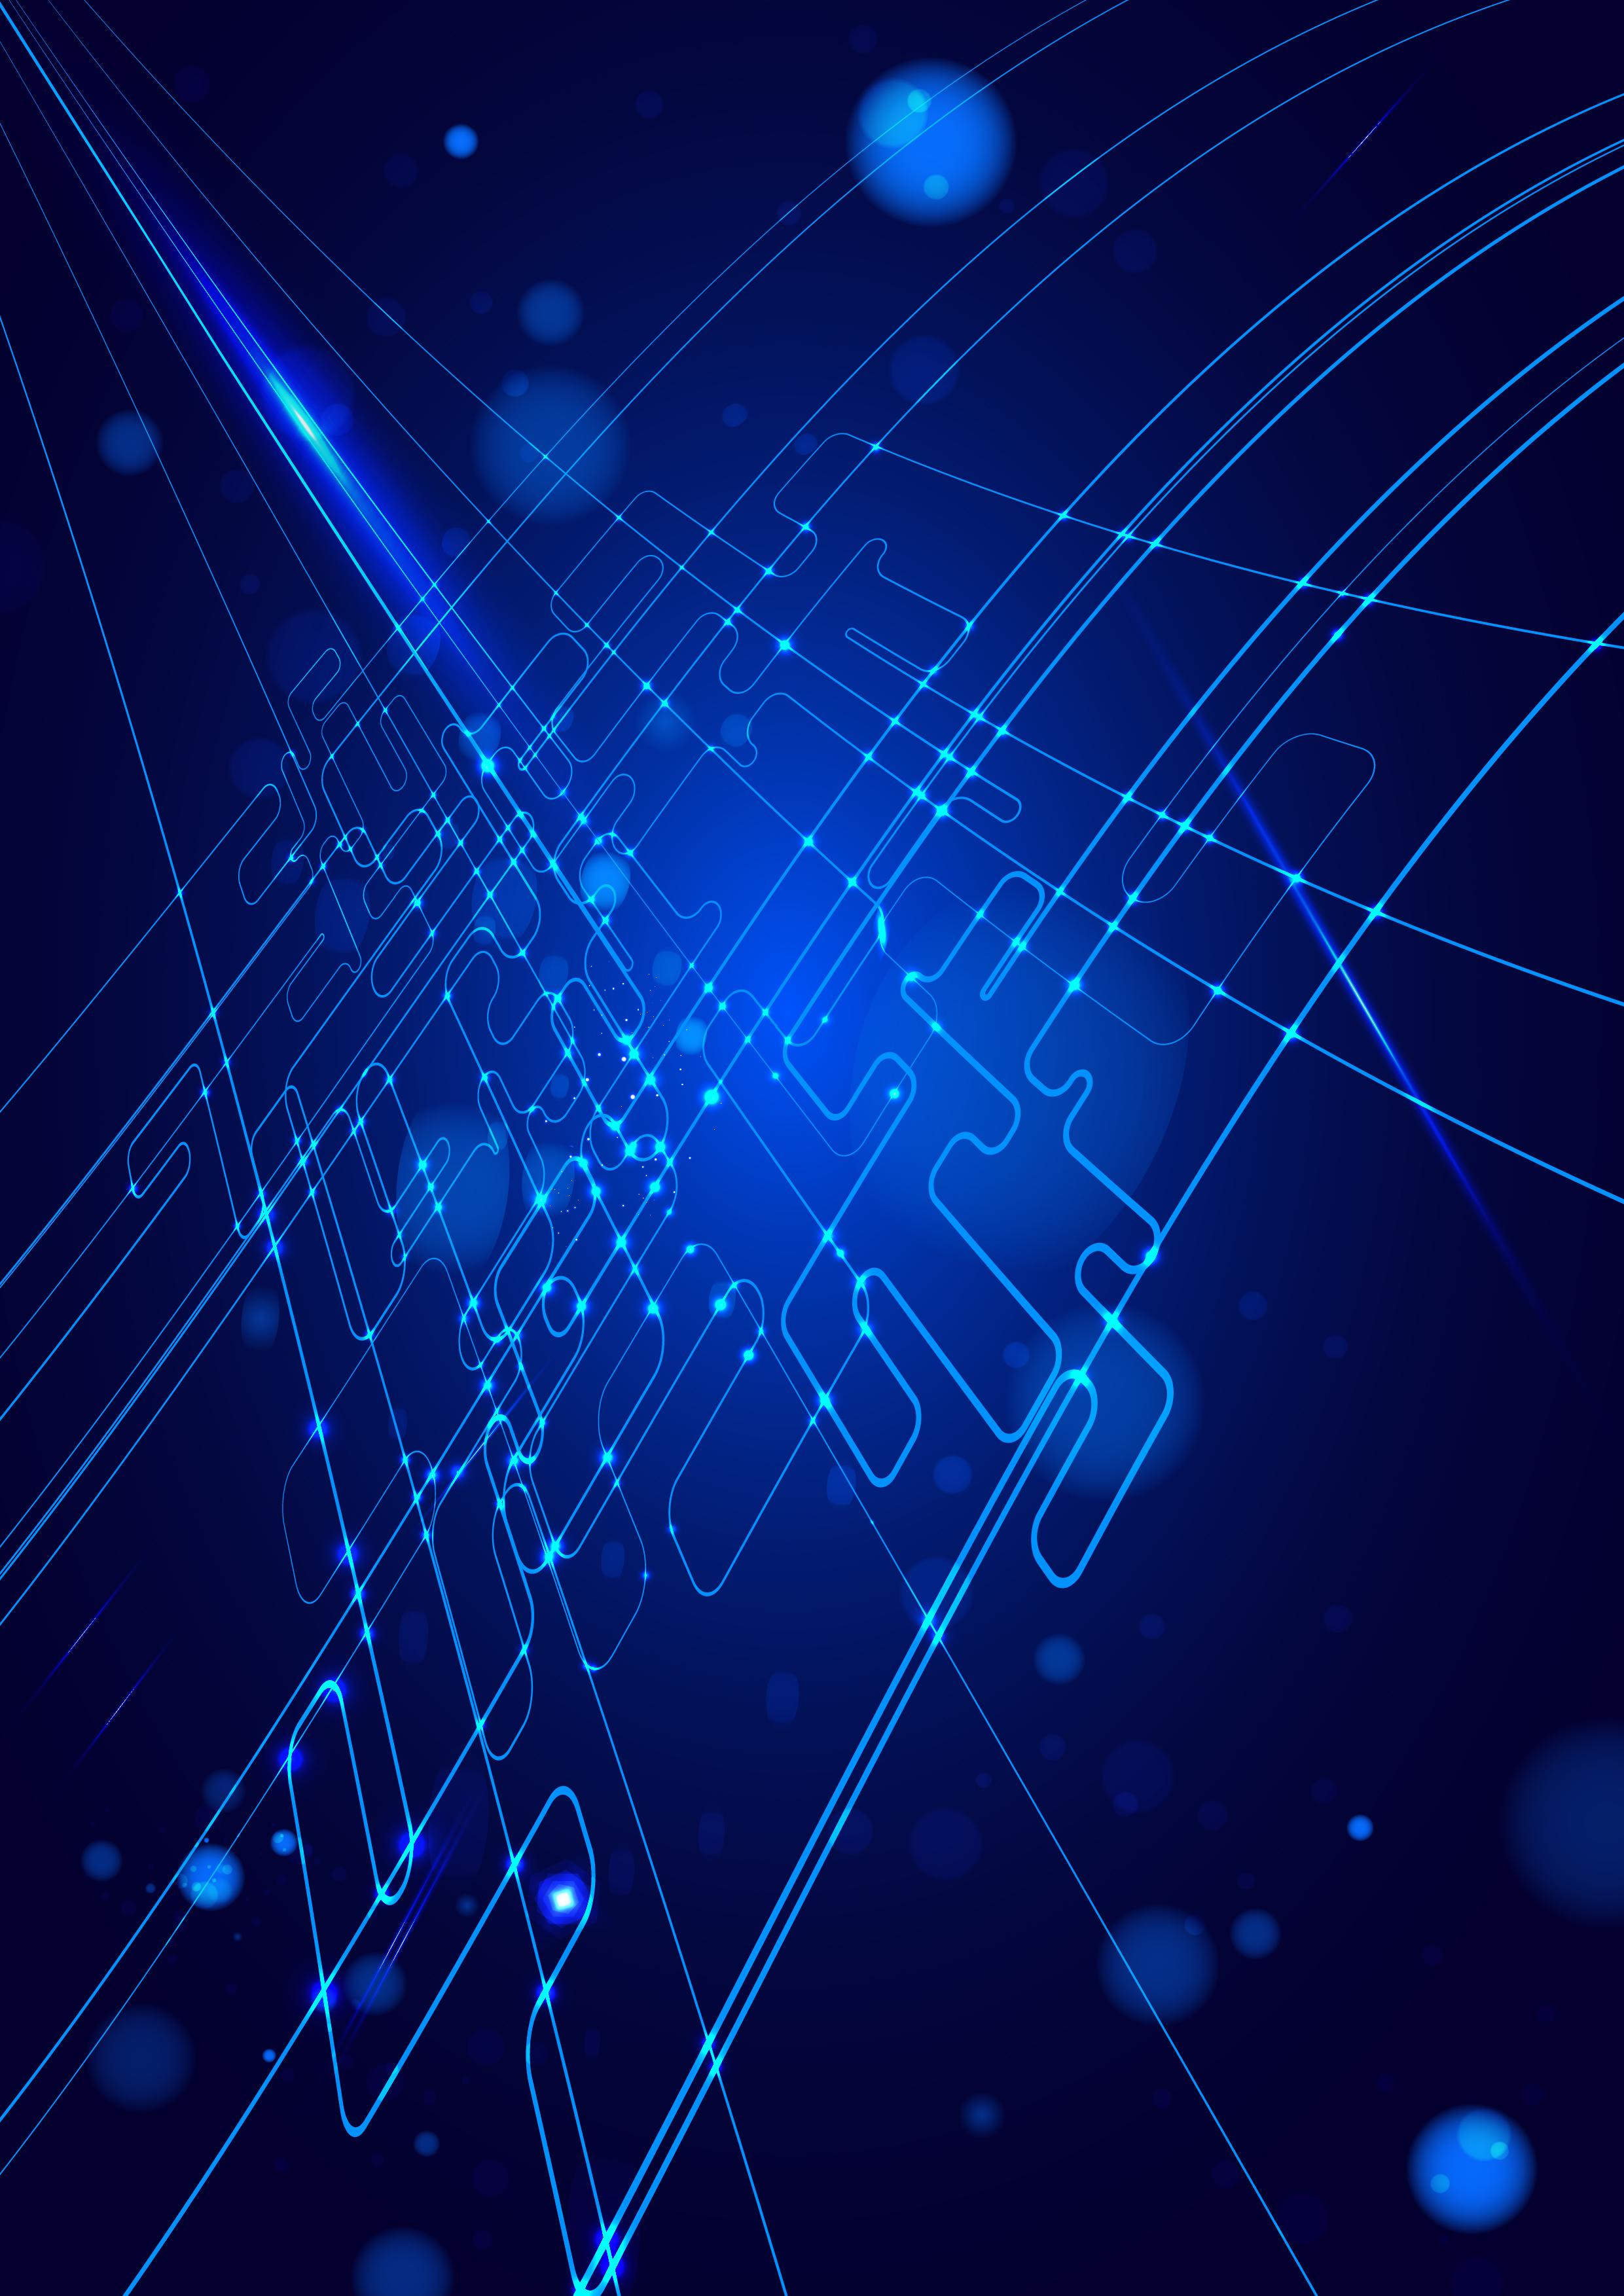 陕西移动2021-2022年无源光纤复用设备集采公示,光迅、通鼎宽带等上榜